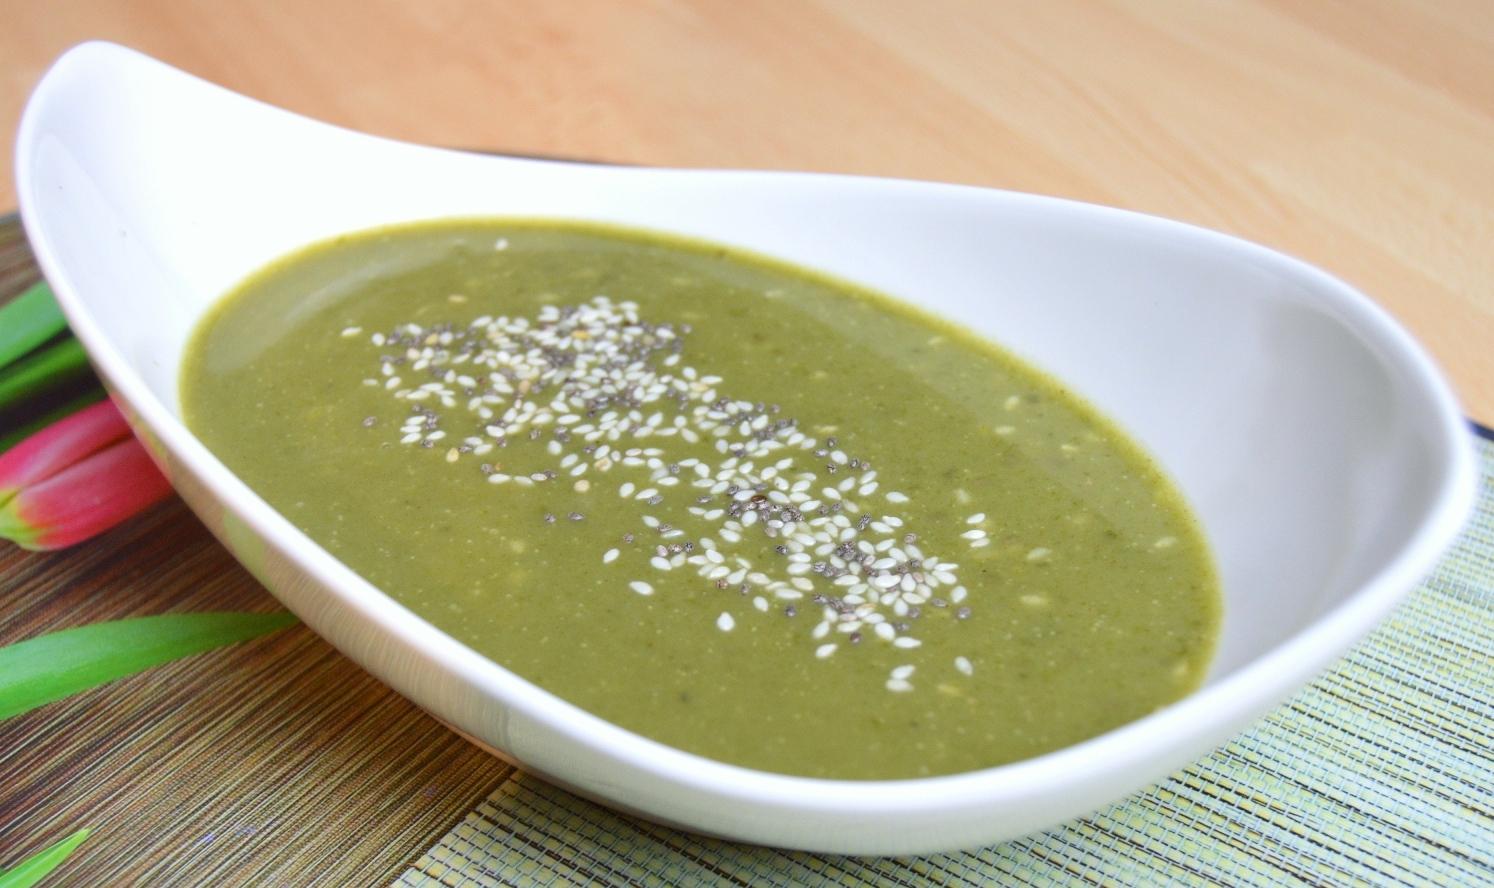 Špenátová polévka se sezamem